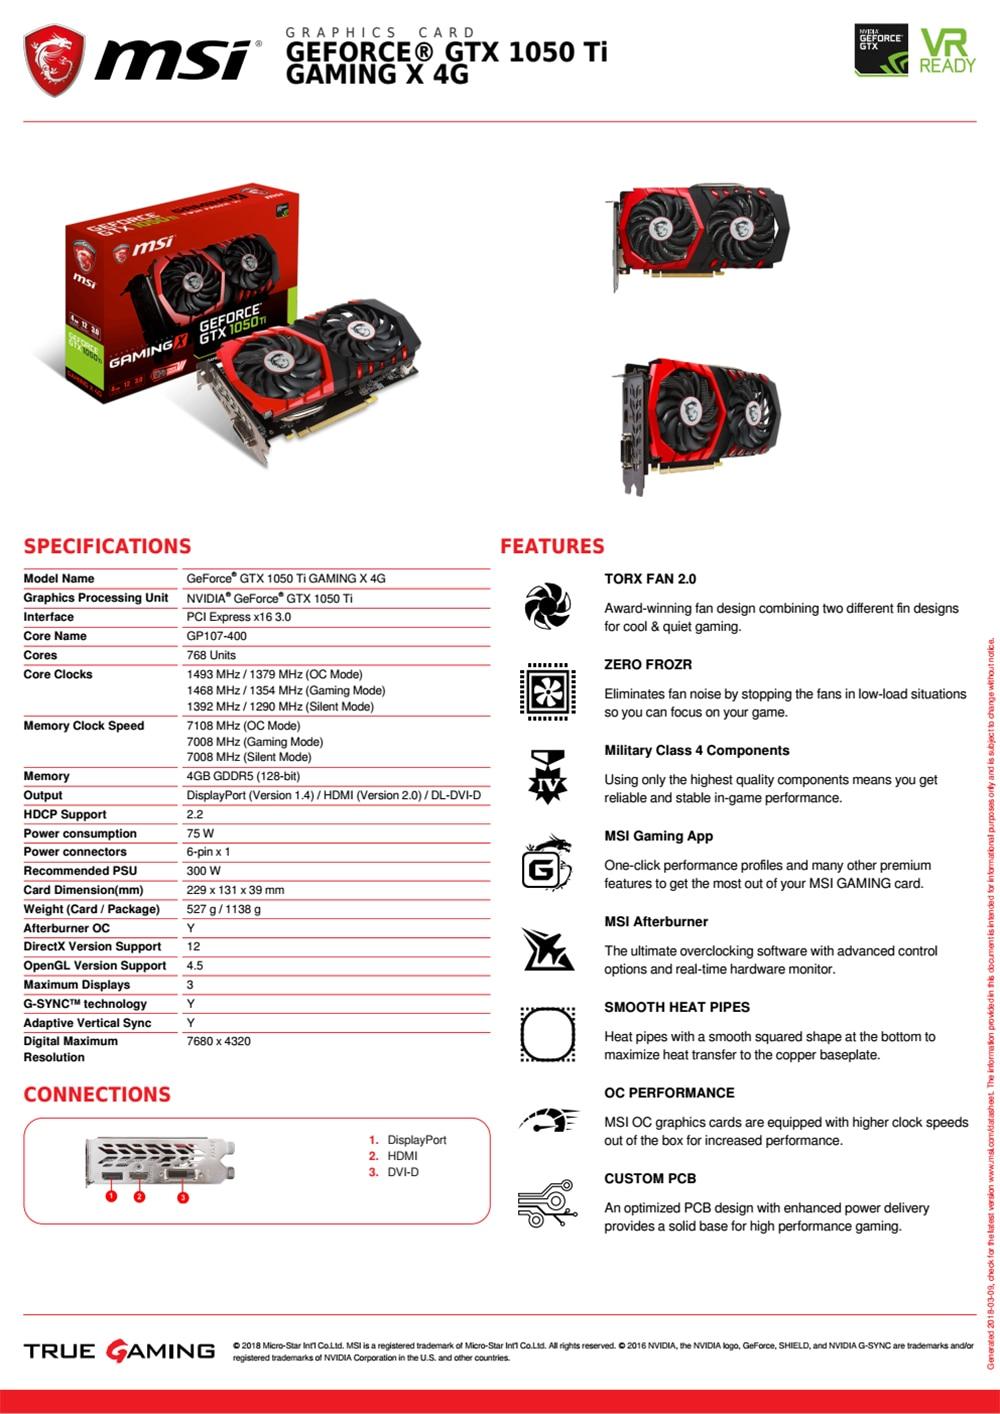 msi-geforce-gtx-1050-ti-gaming-x-4g-datasheet_01